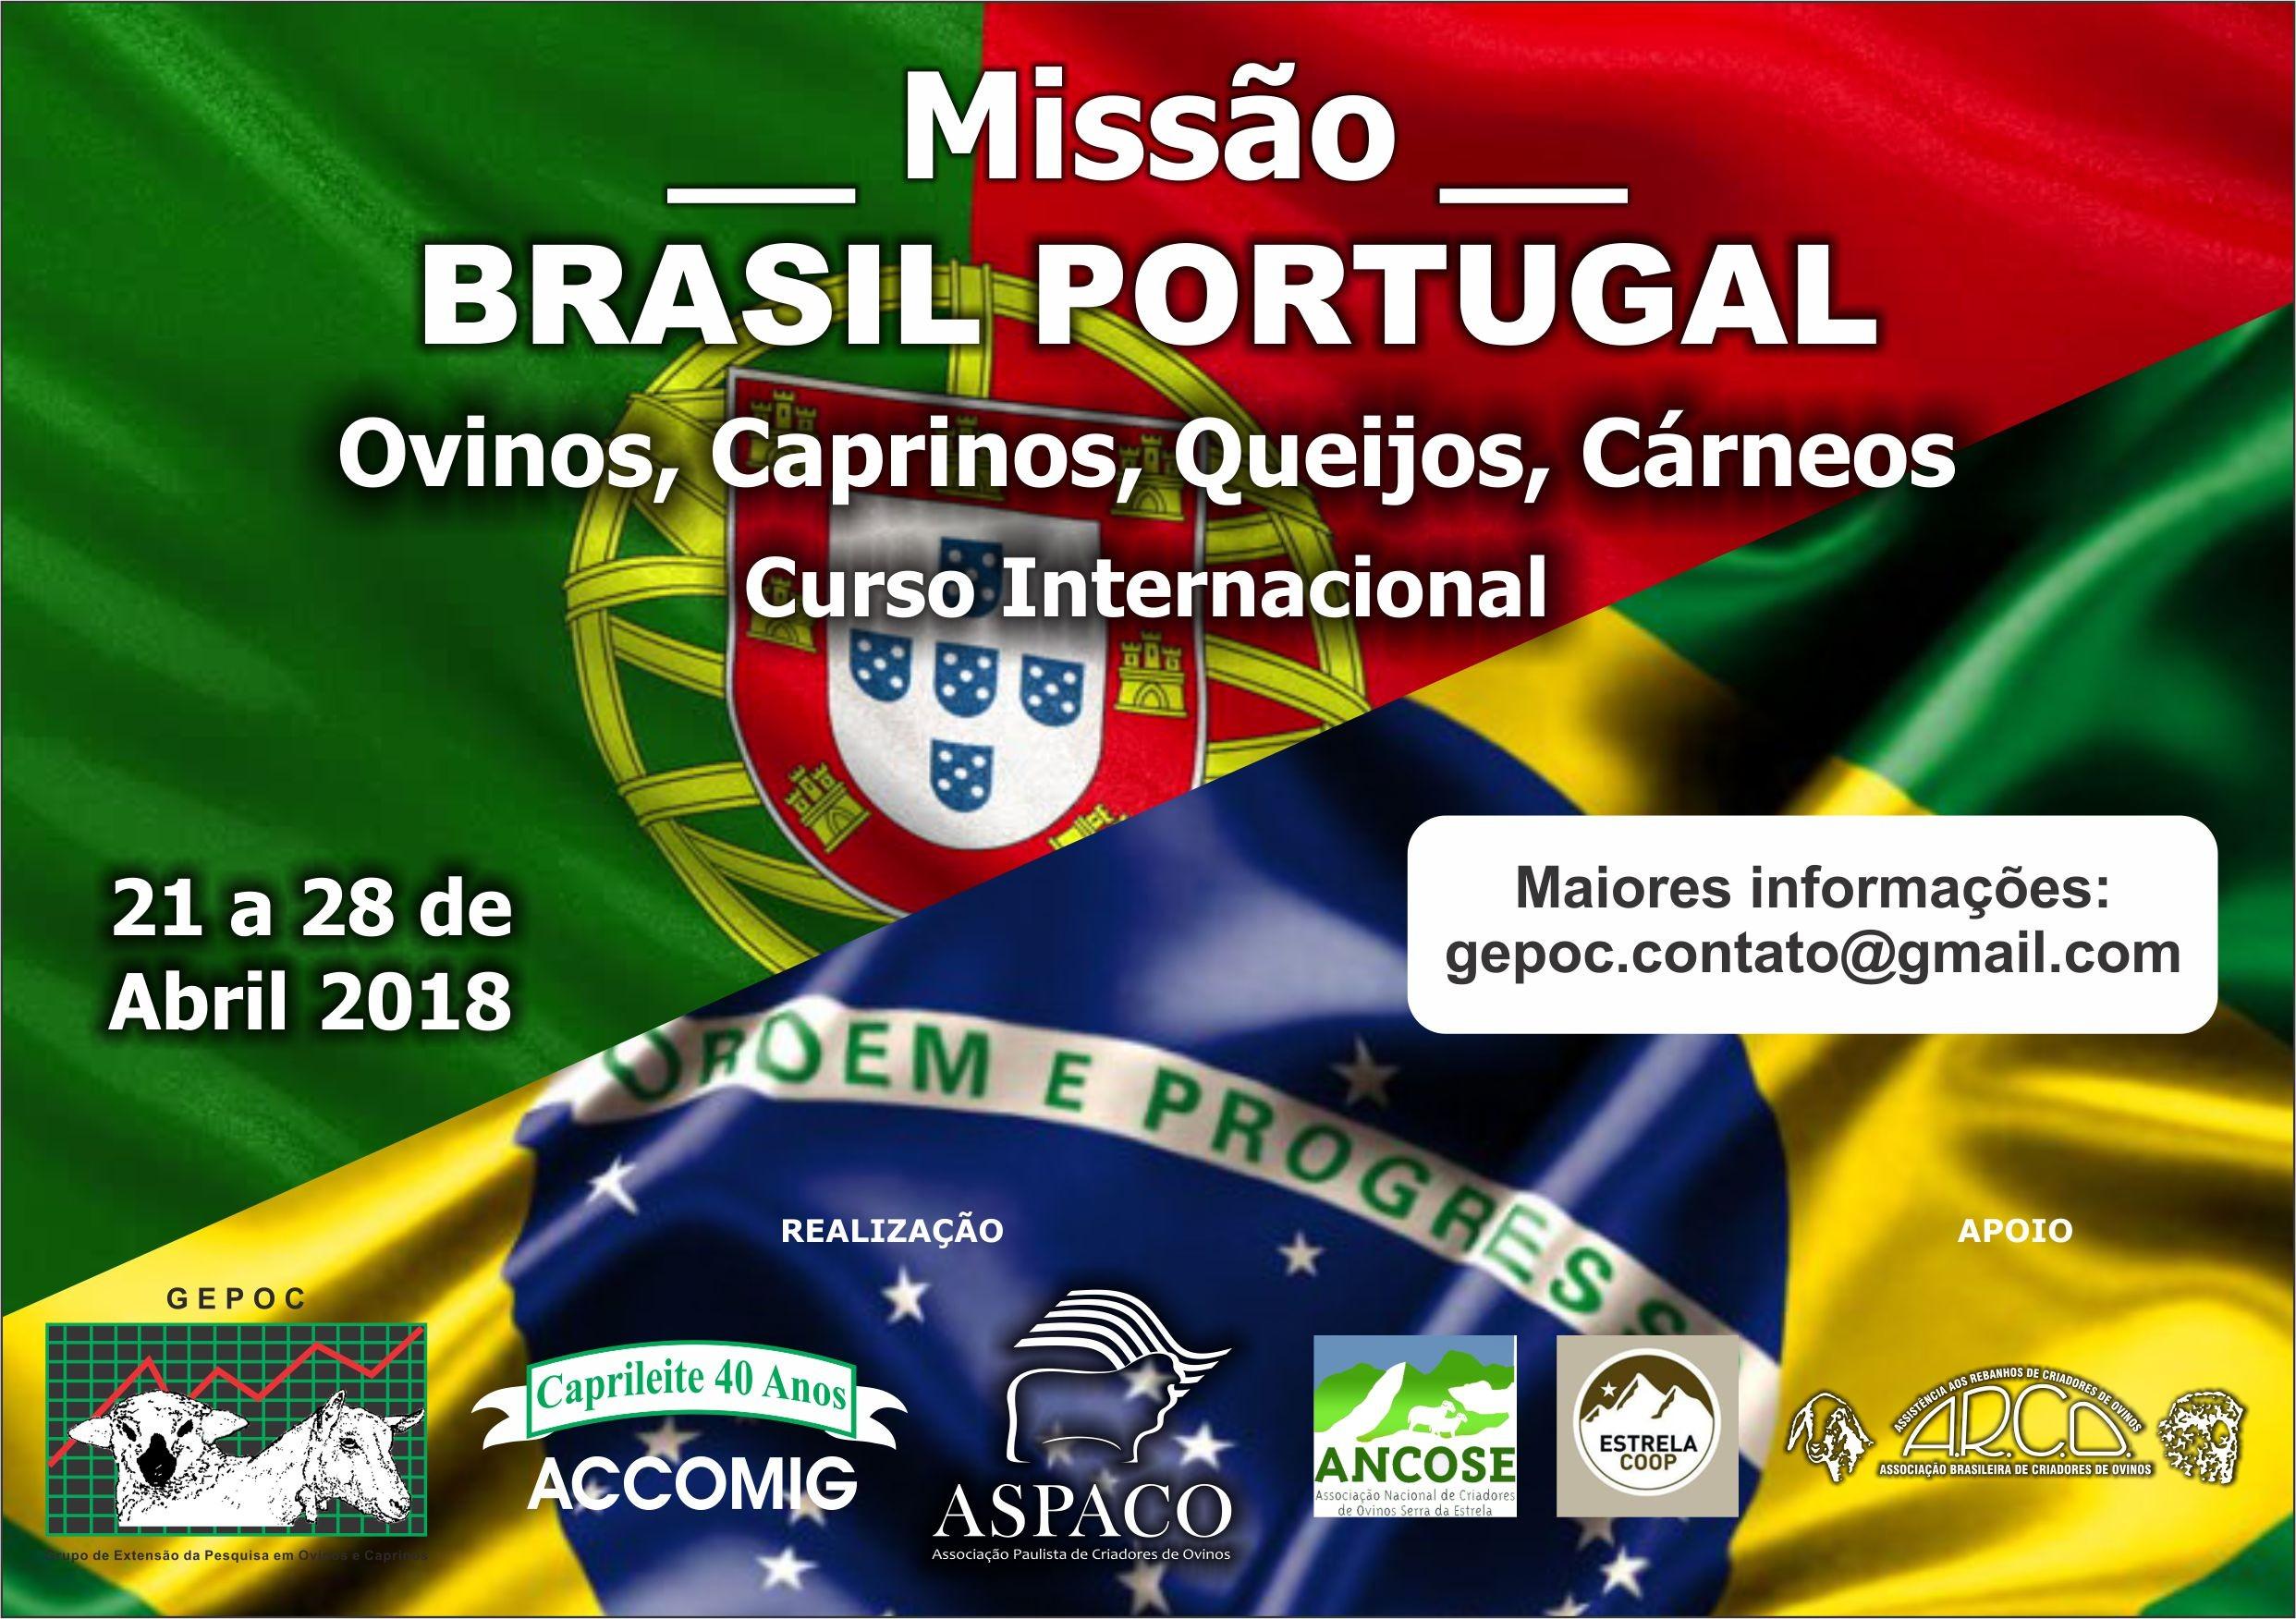 MISSÃO BRASIL-PORTUGALPRODUÇÃO COM TRADIÇÃOINOVAÇÃO E CERTIFICAÇÃO DE ORIGEM